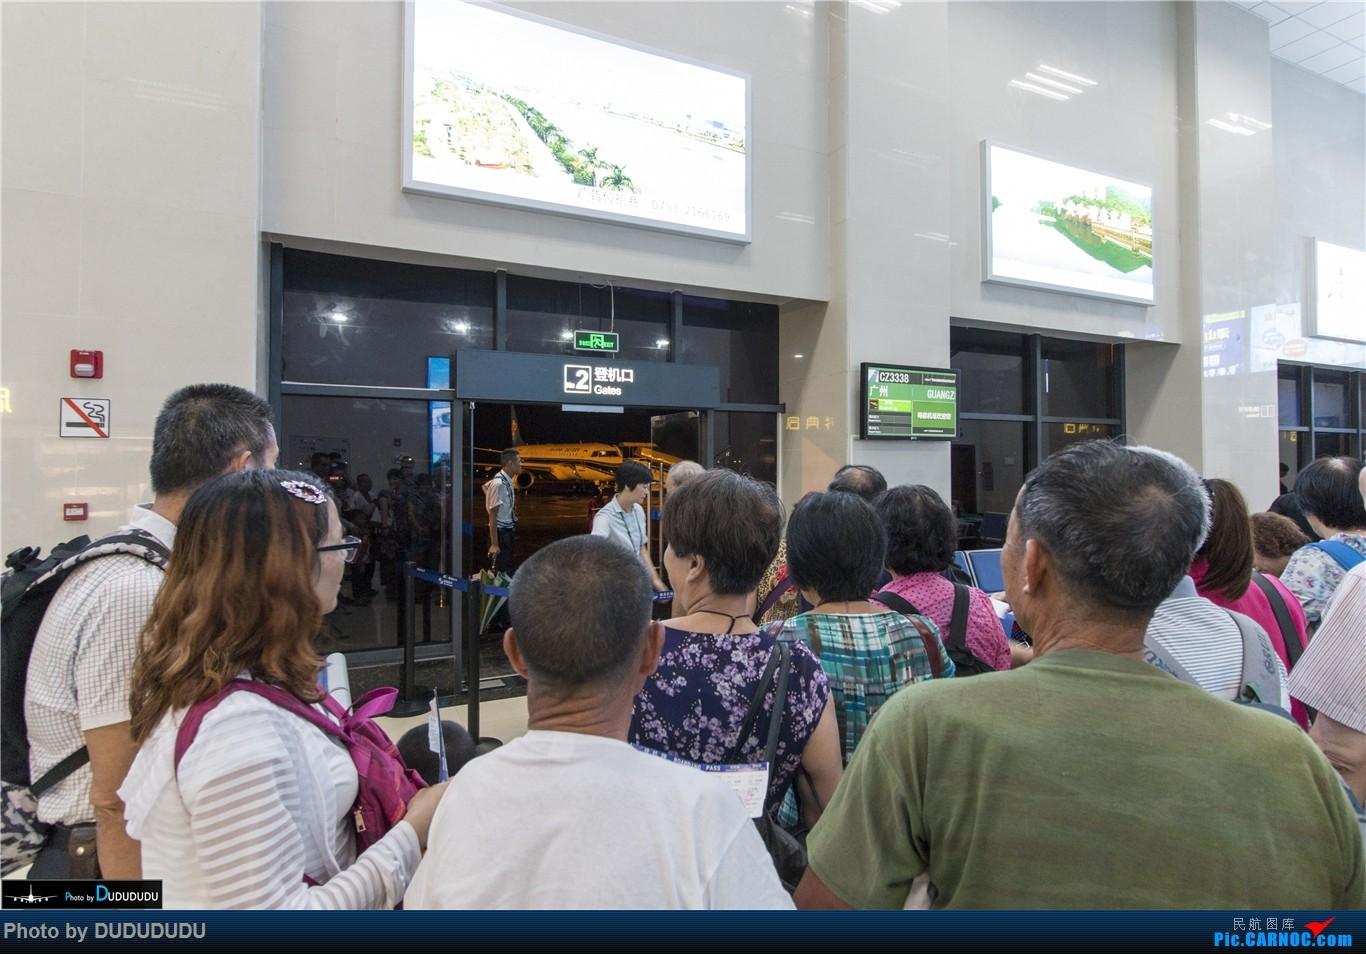 Re:[原创]【DUDUDUDU】暑期飞行合集 从A388到MA60    中国梅县长岗岌机场